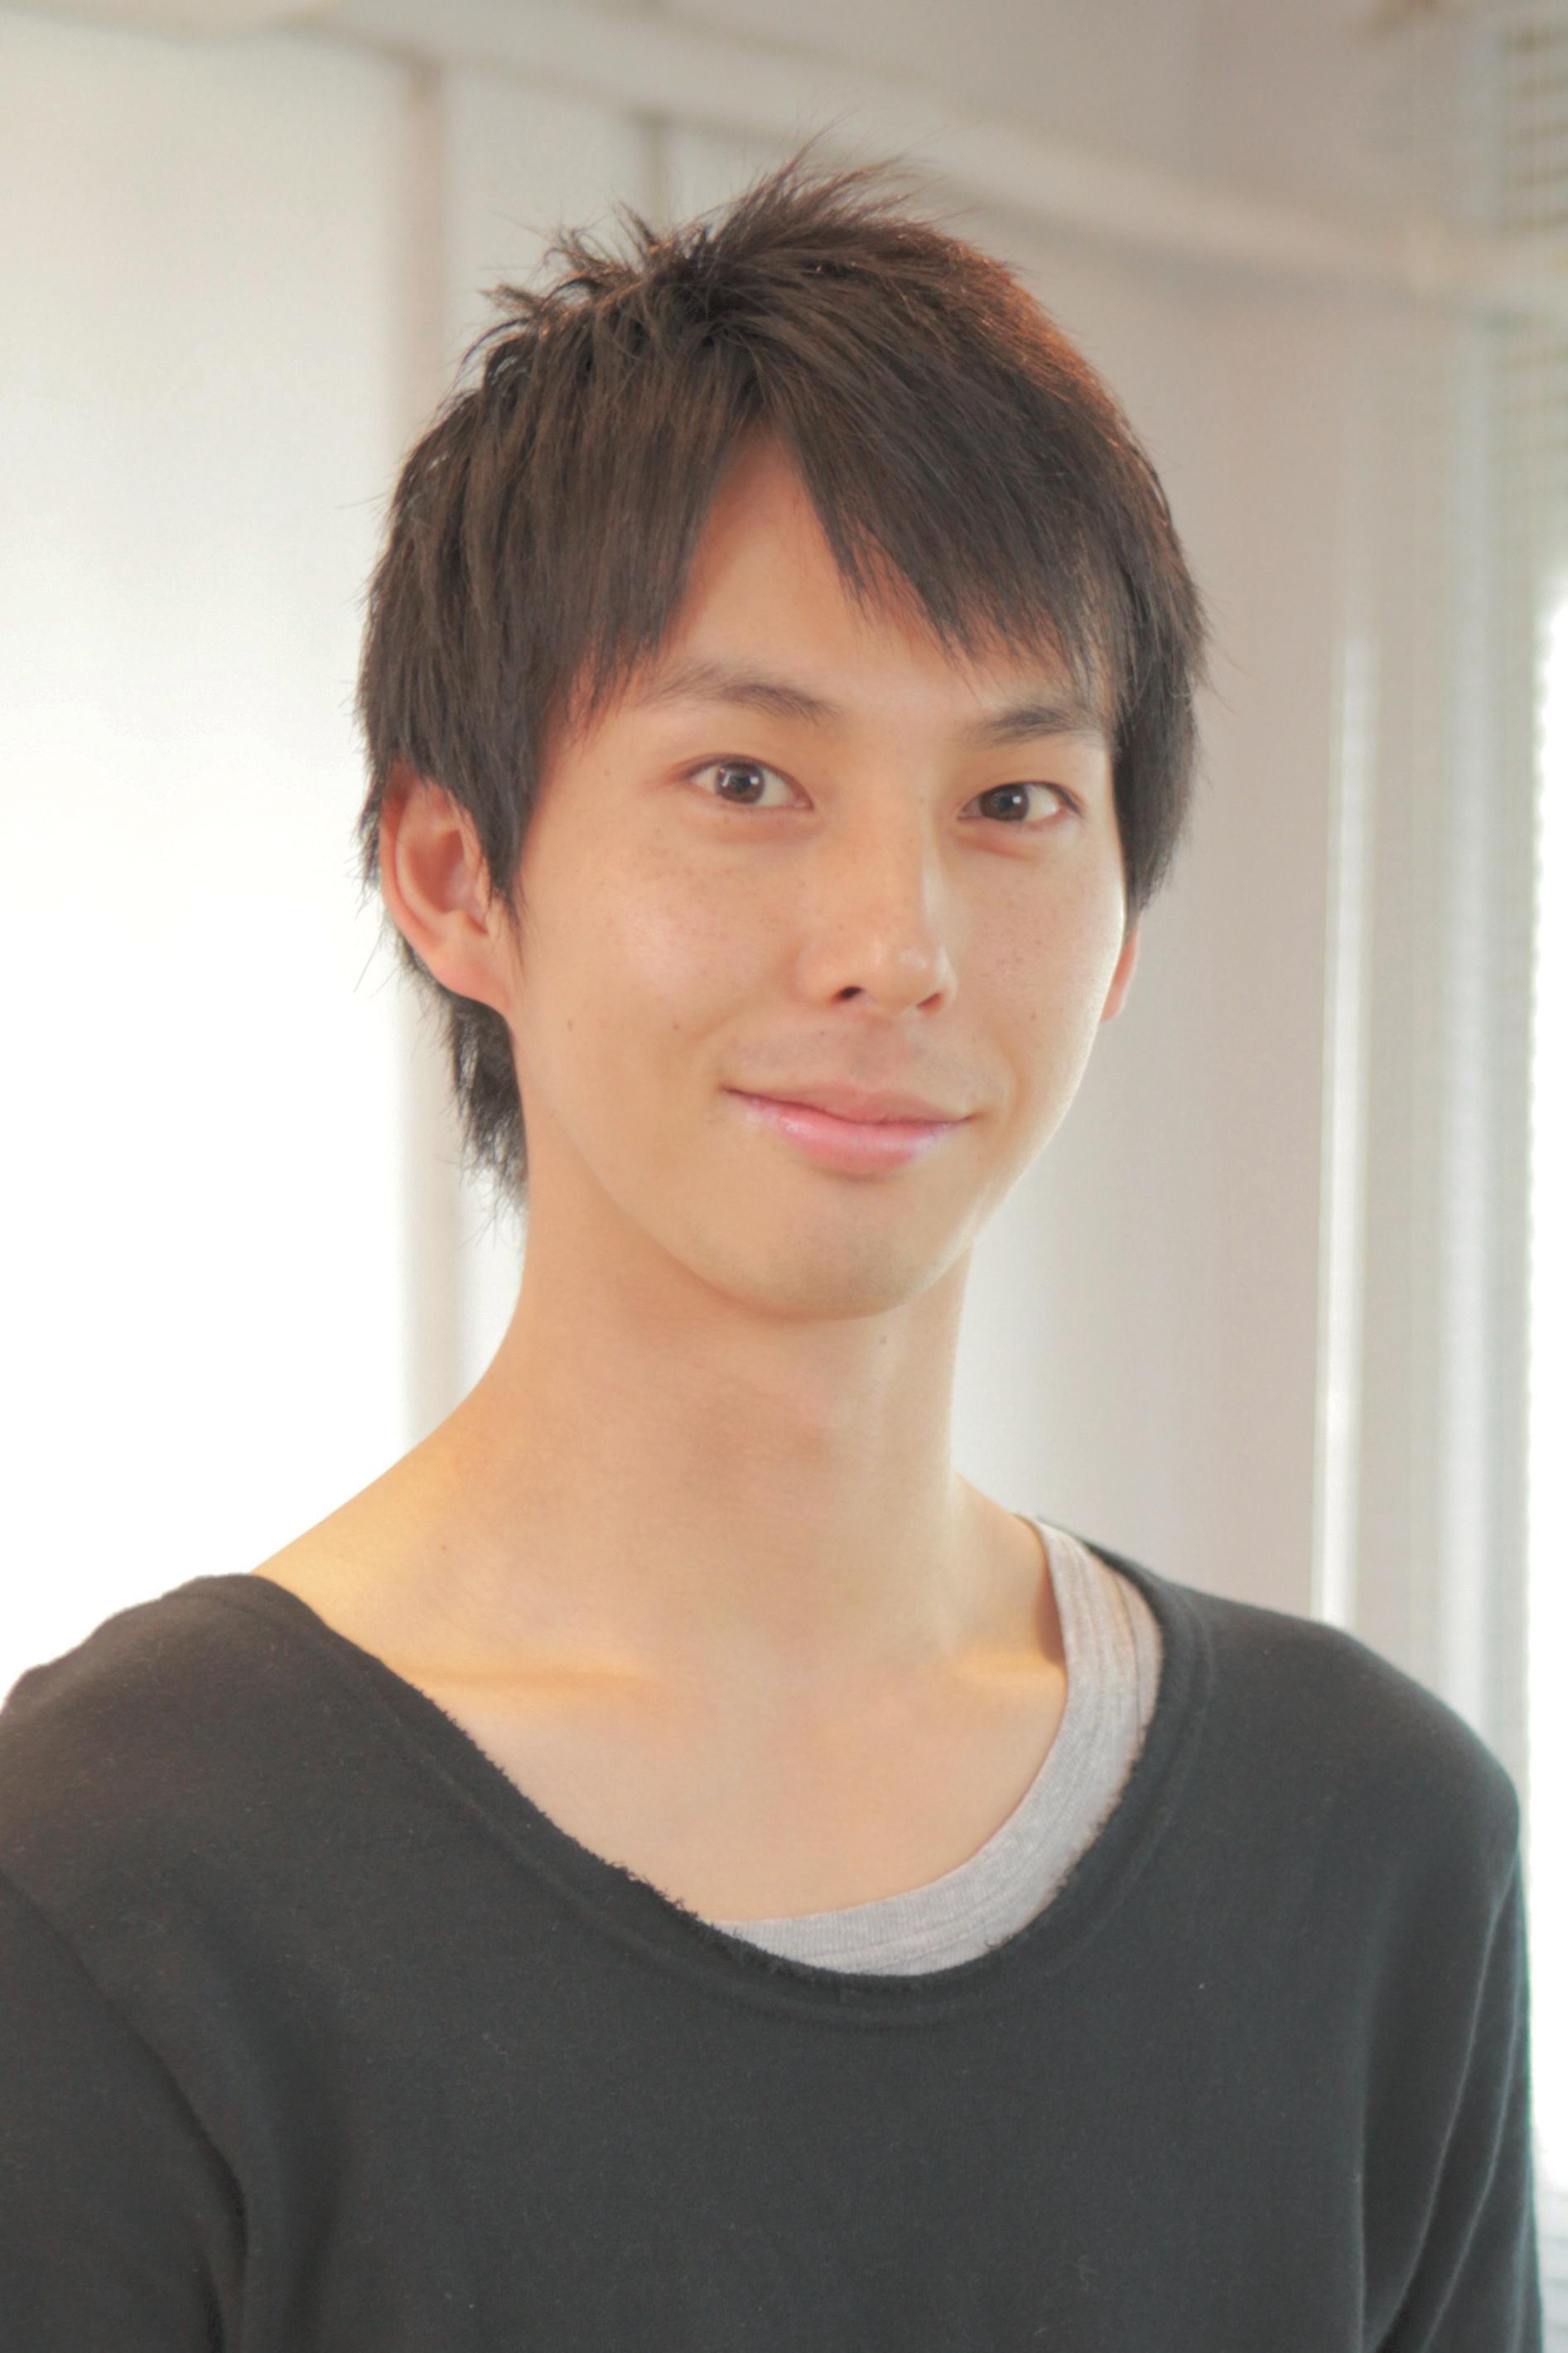 01_Ryohei Hamada